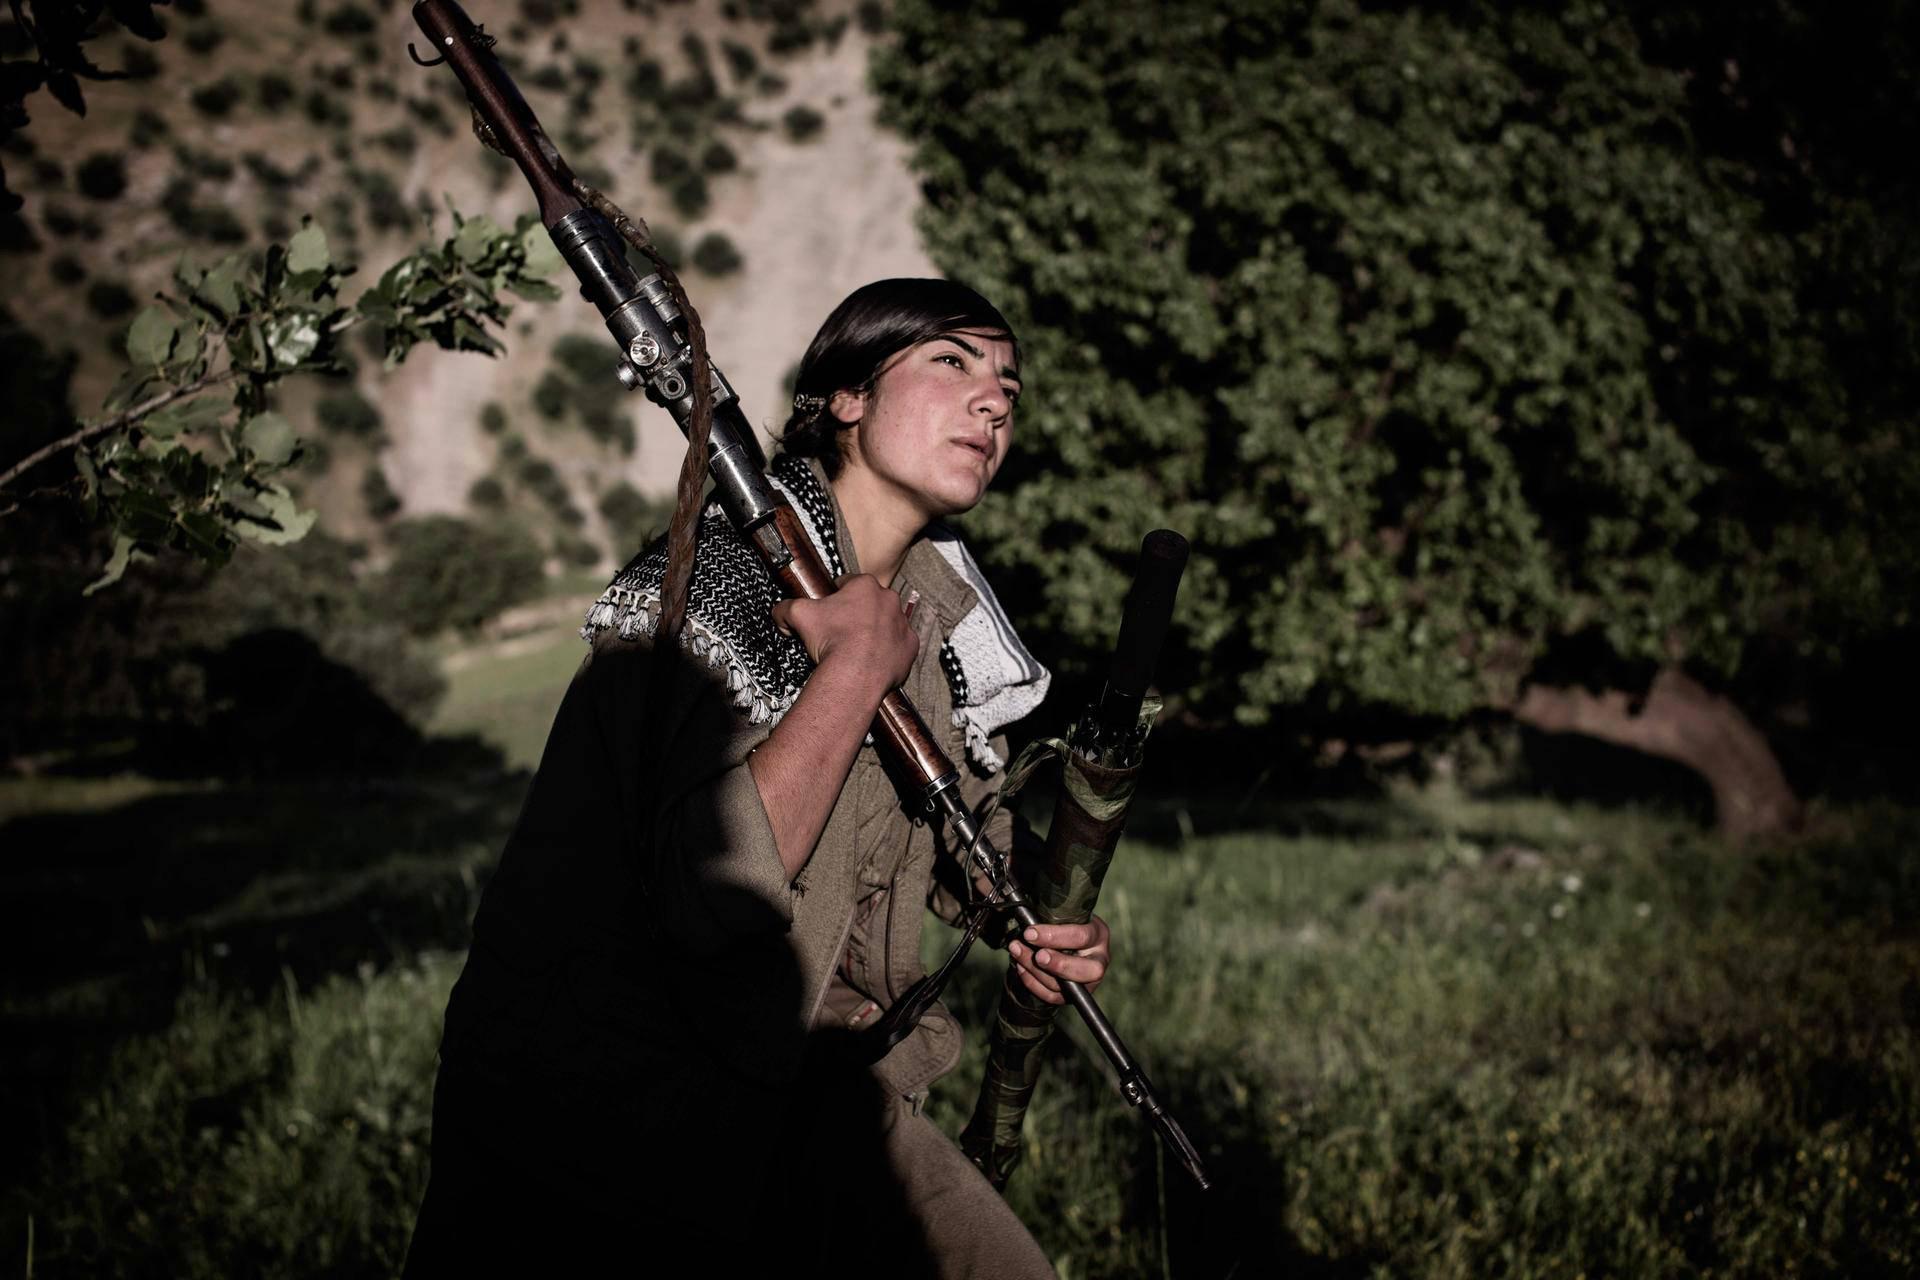 Syyrialainen kurdi Tajin on tarkka-ampuja. Hän palaa aamupartiolta. Mukana on maastokuvioinen sateenvarjo, jonka alle voi piiloutua turkkilaisilta valvontalennokeilta.